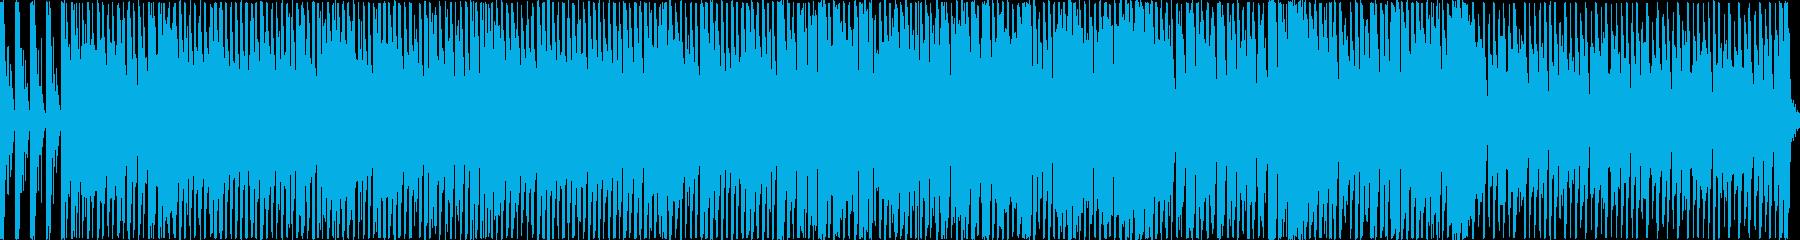 ドタバタ系の明るく楽しいポップスの再生済みの波形